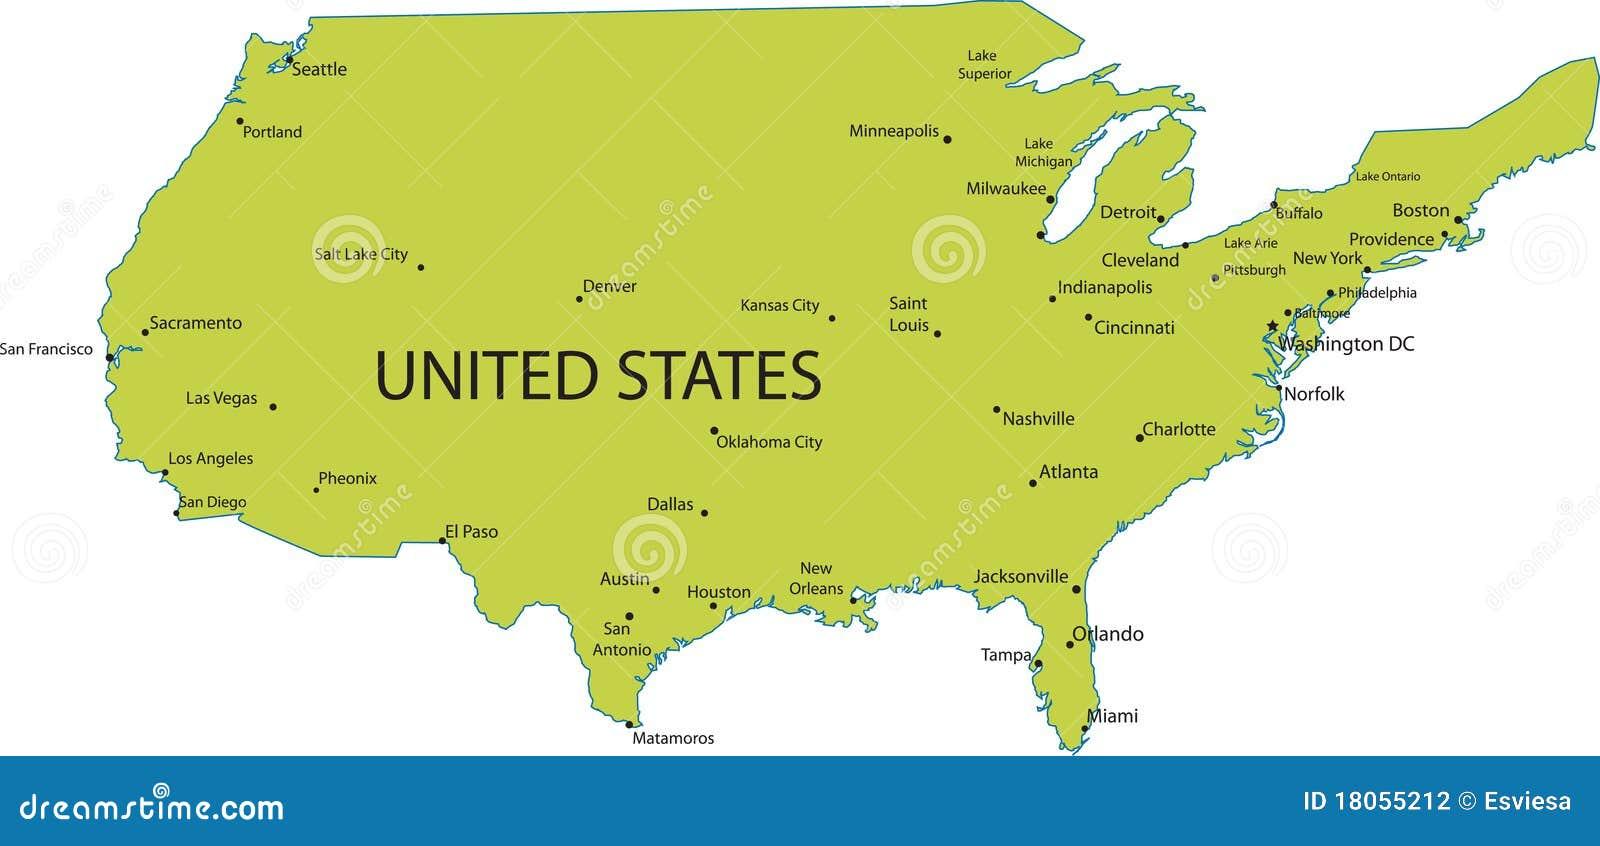 mapa eua cidades principais Mapa Dos EUA Cidades Principais Ilustração do Vetor  mapa eua cidades principais